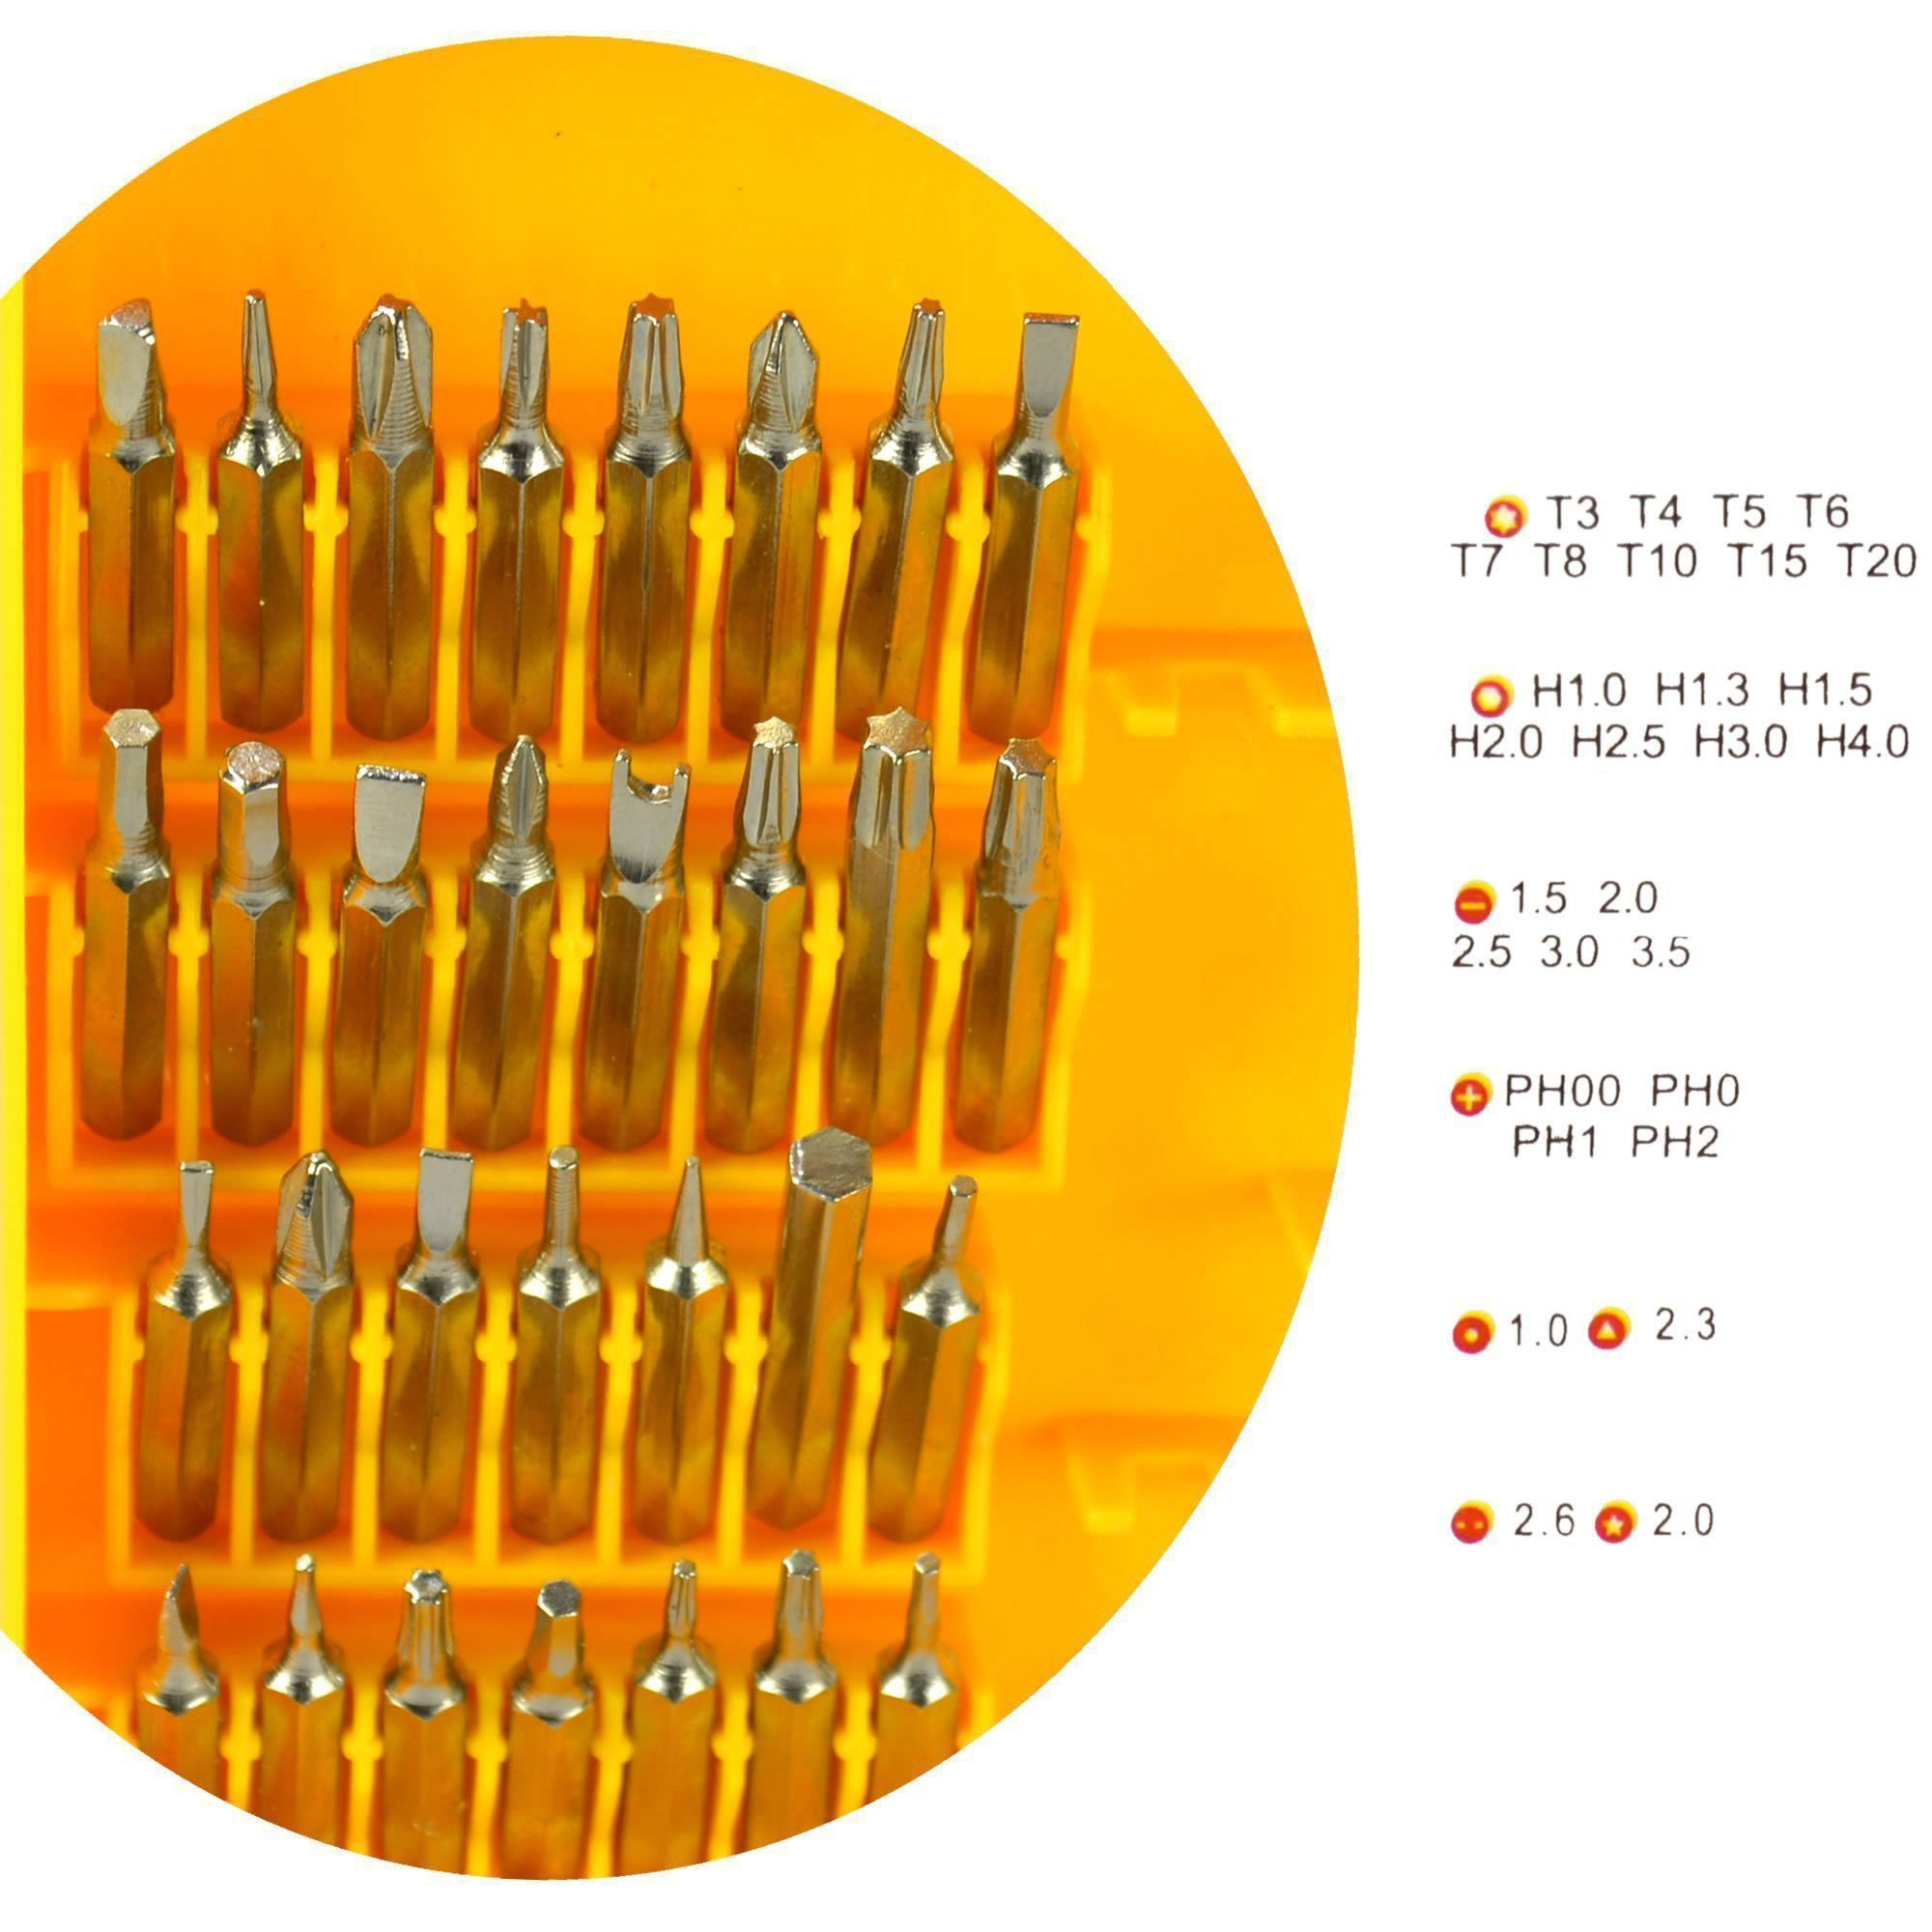 Jogo de Chaves Precisão 32 Peças CBRN06533